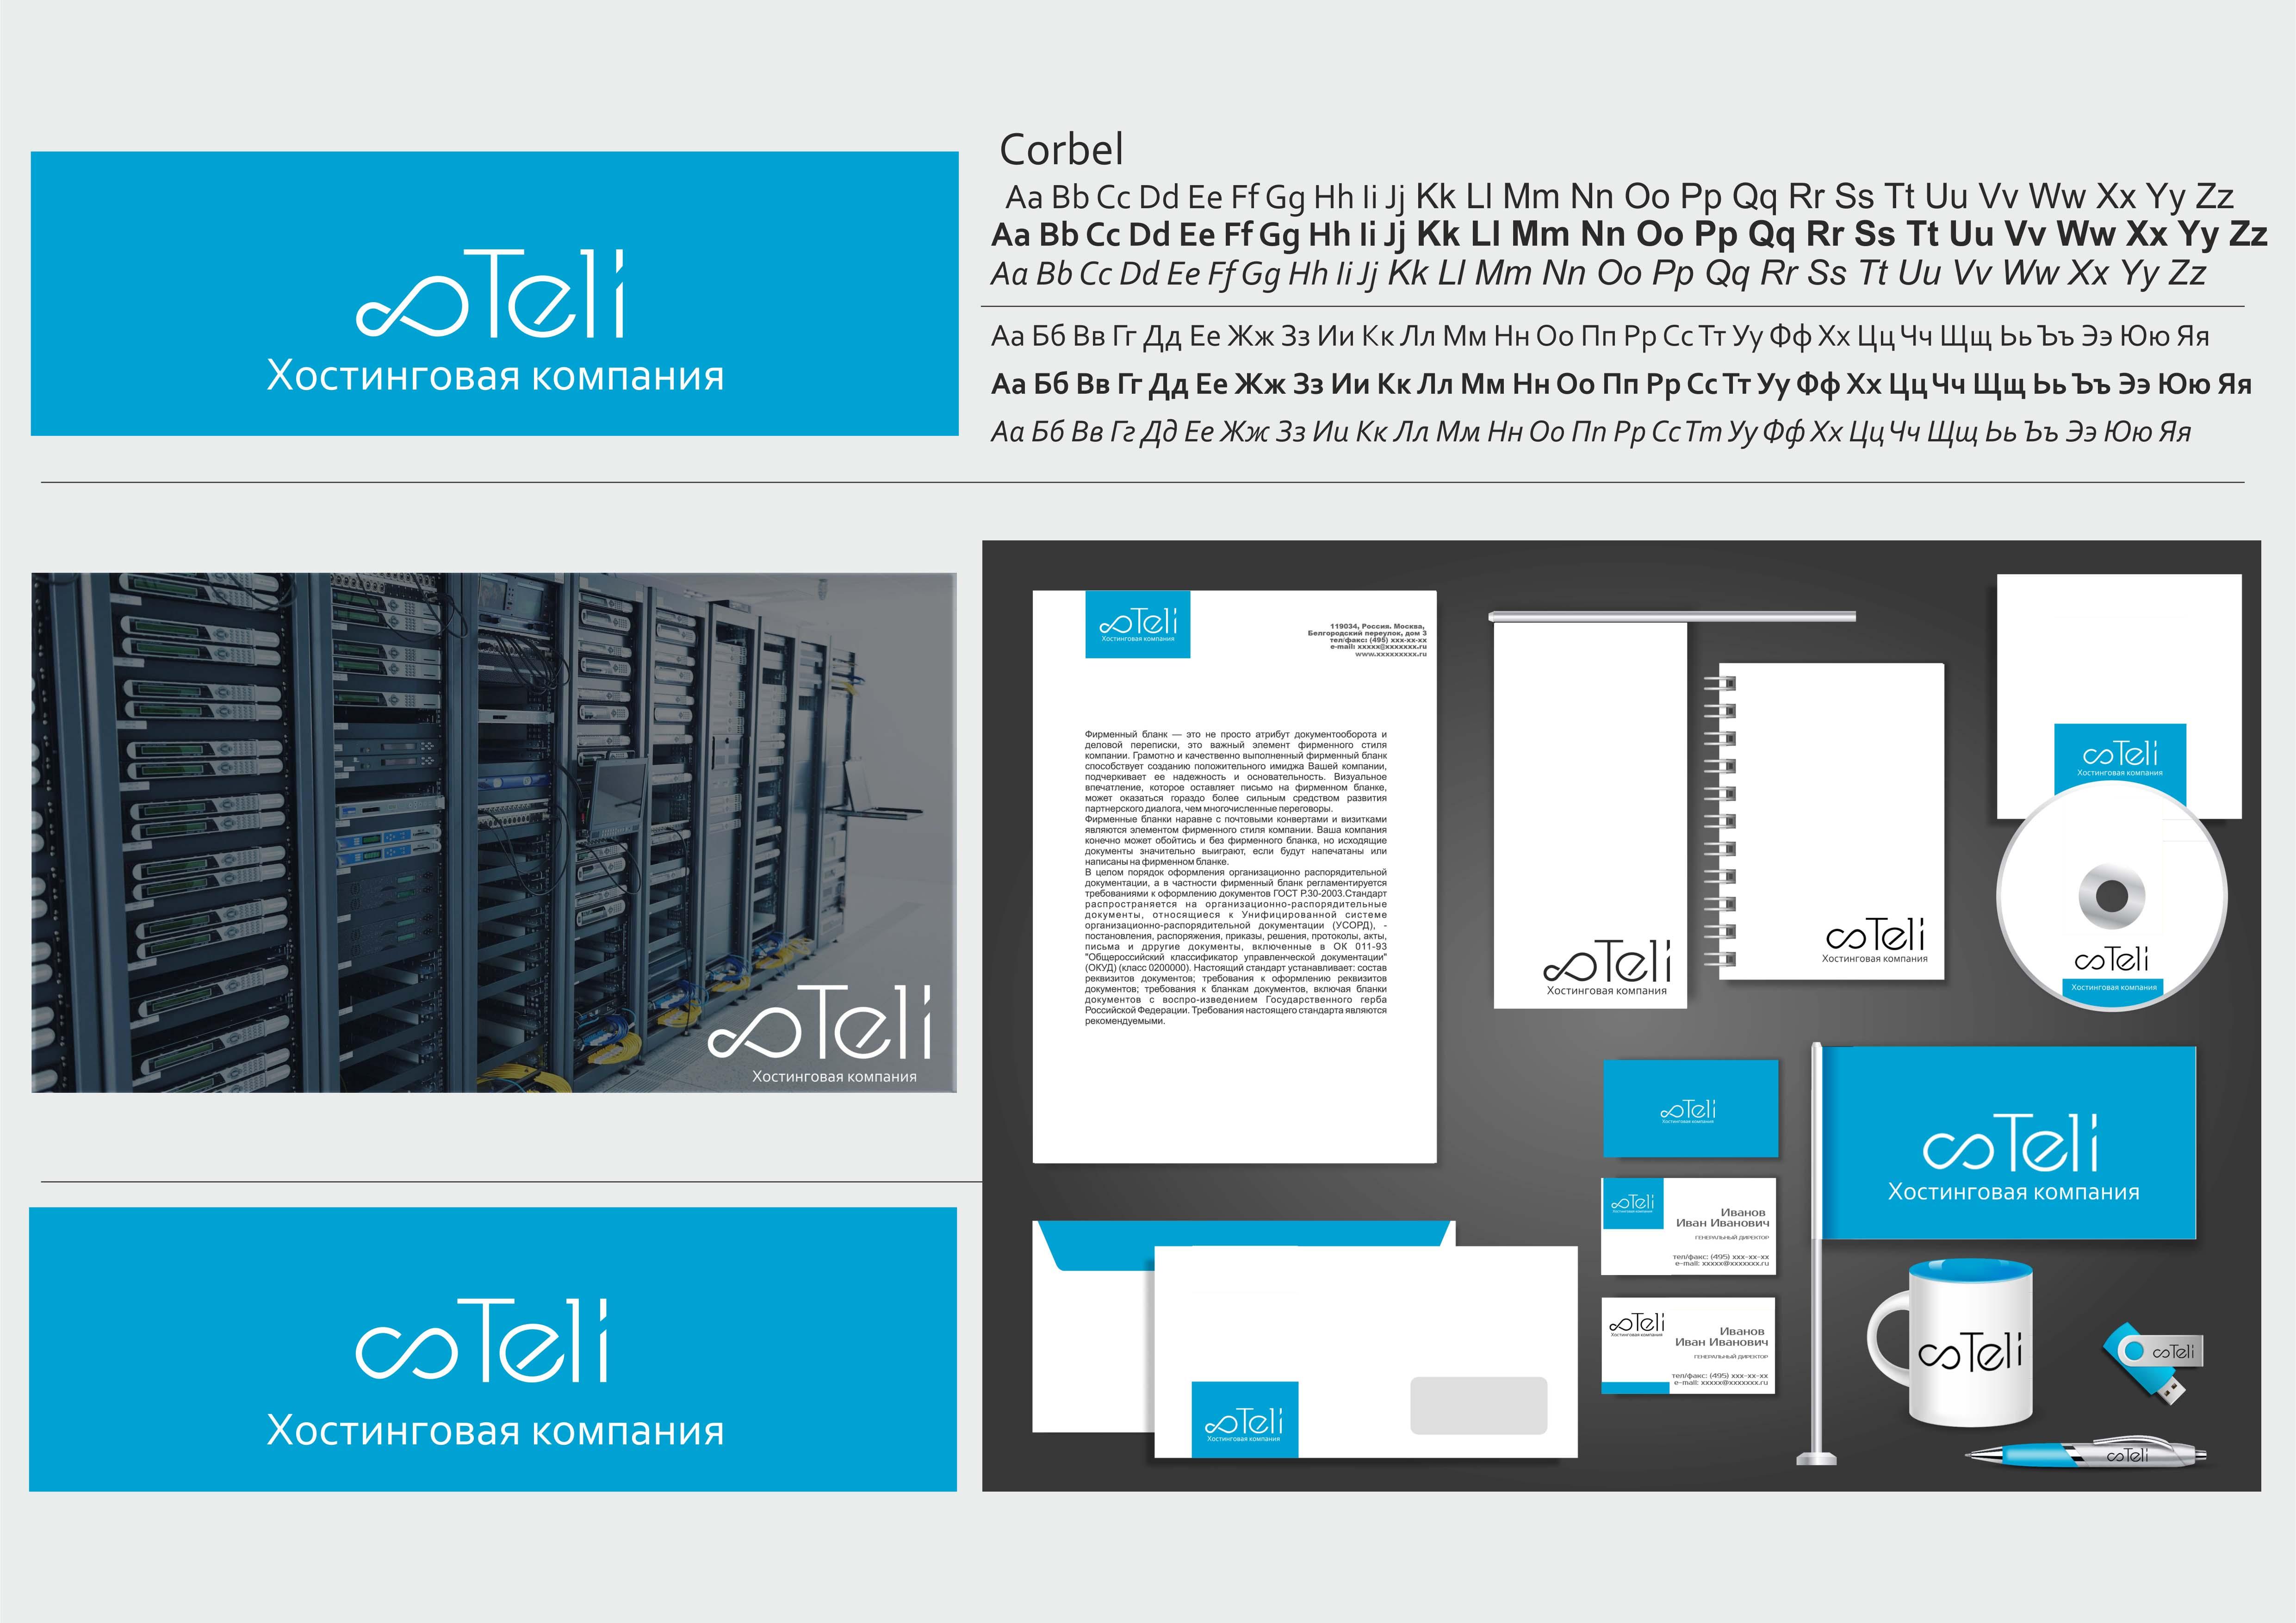 Разработка логотипа и фирменного стиля фото f_14658fb28527f696.jpg